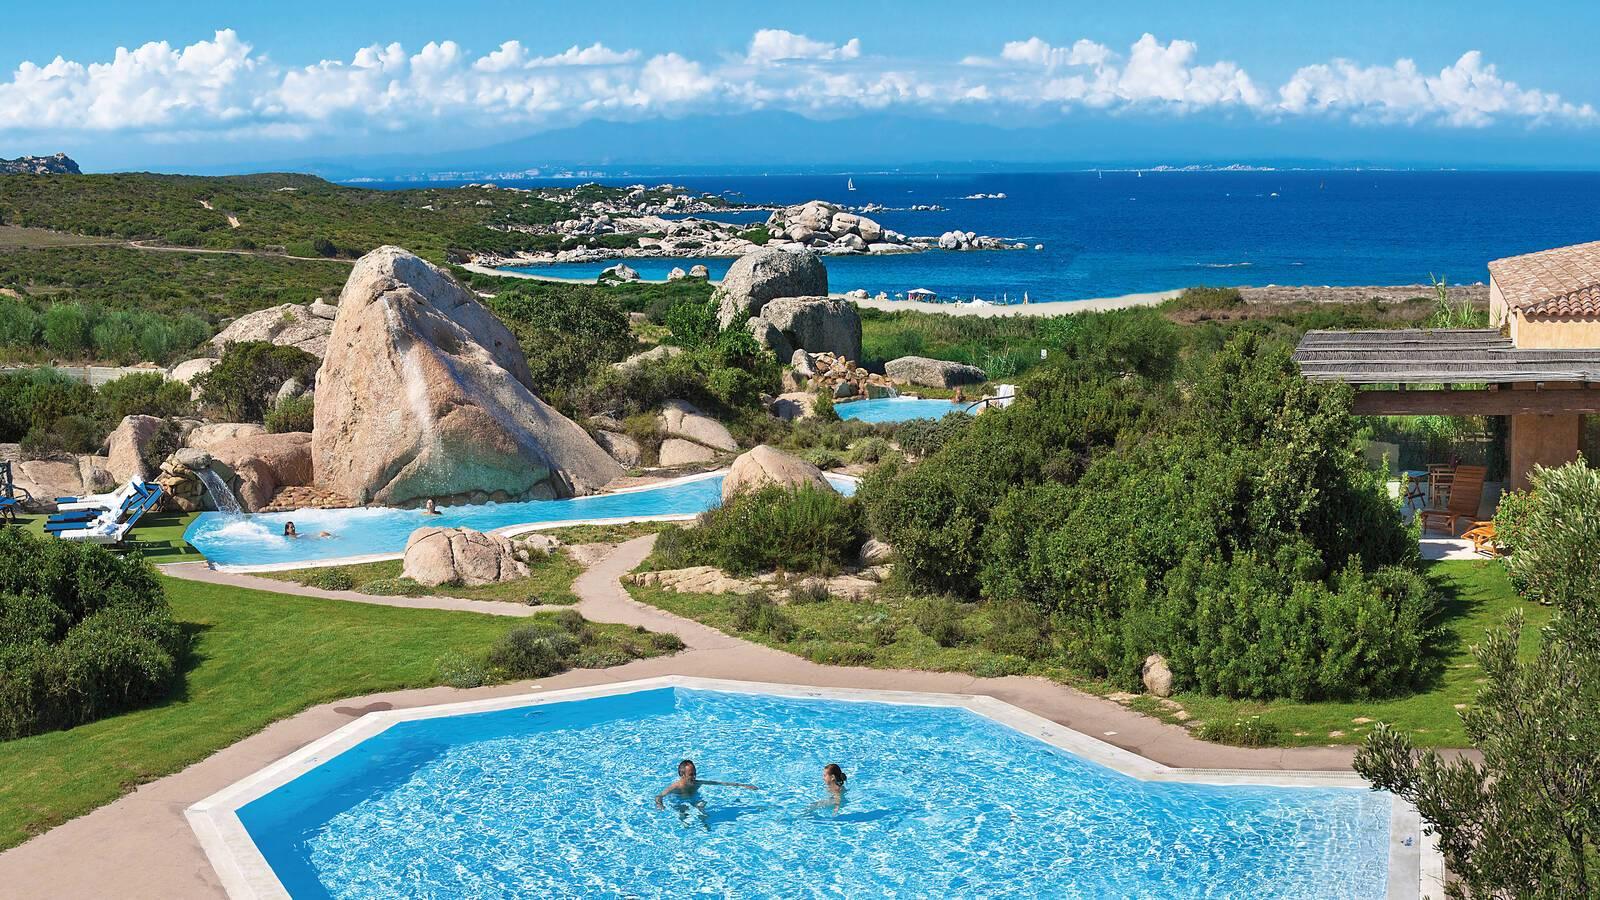 Valle Del Erica Sardaigne thalasso piscine